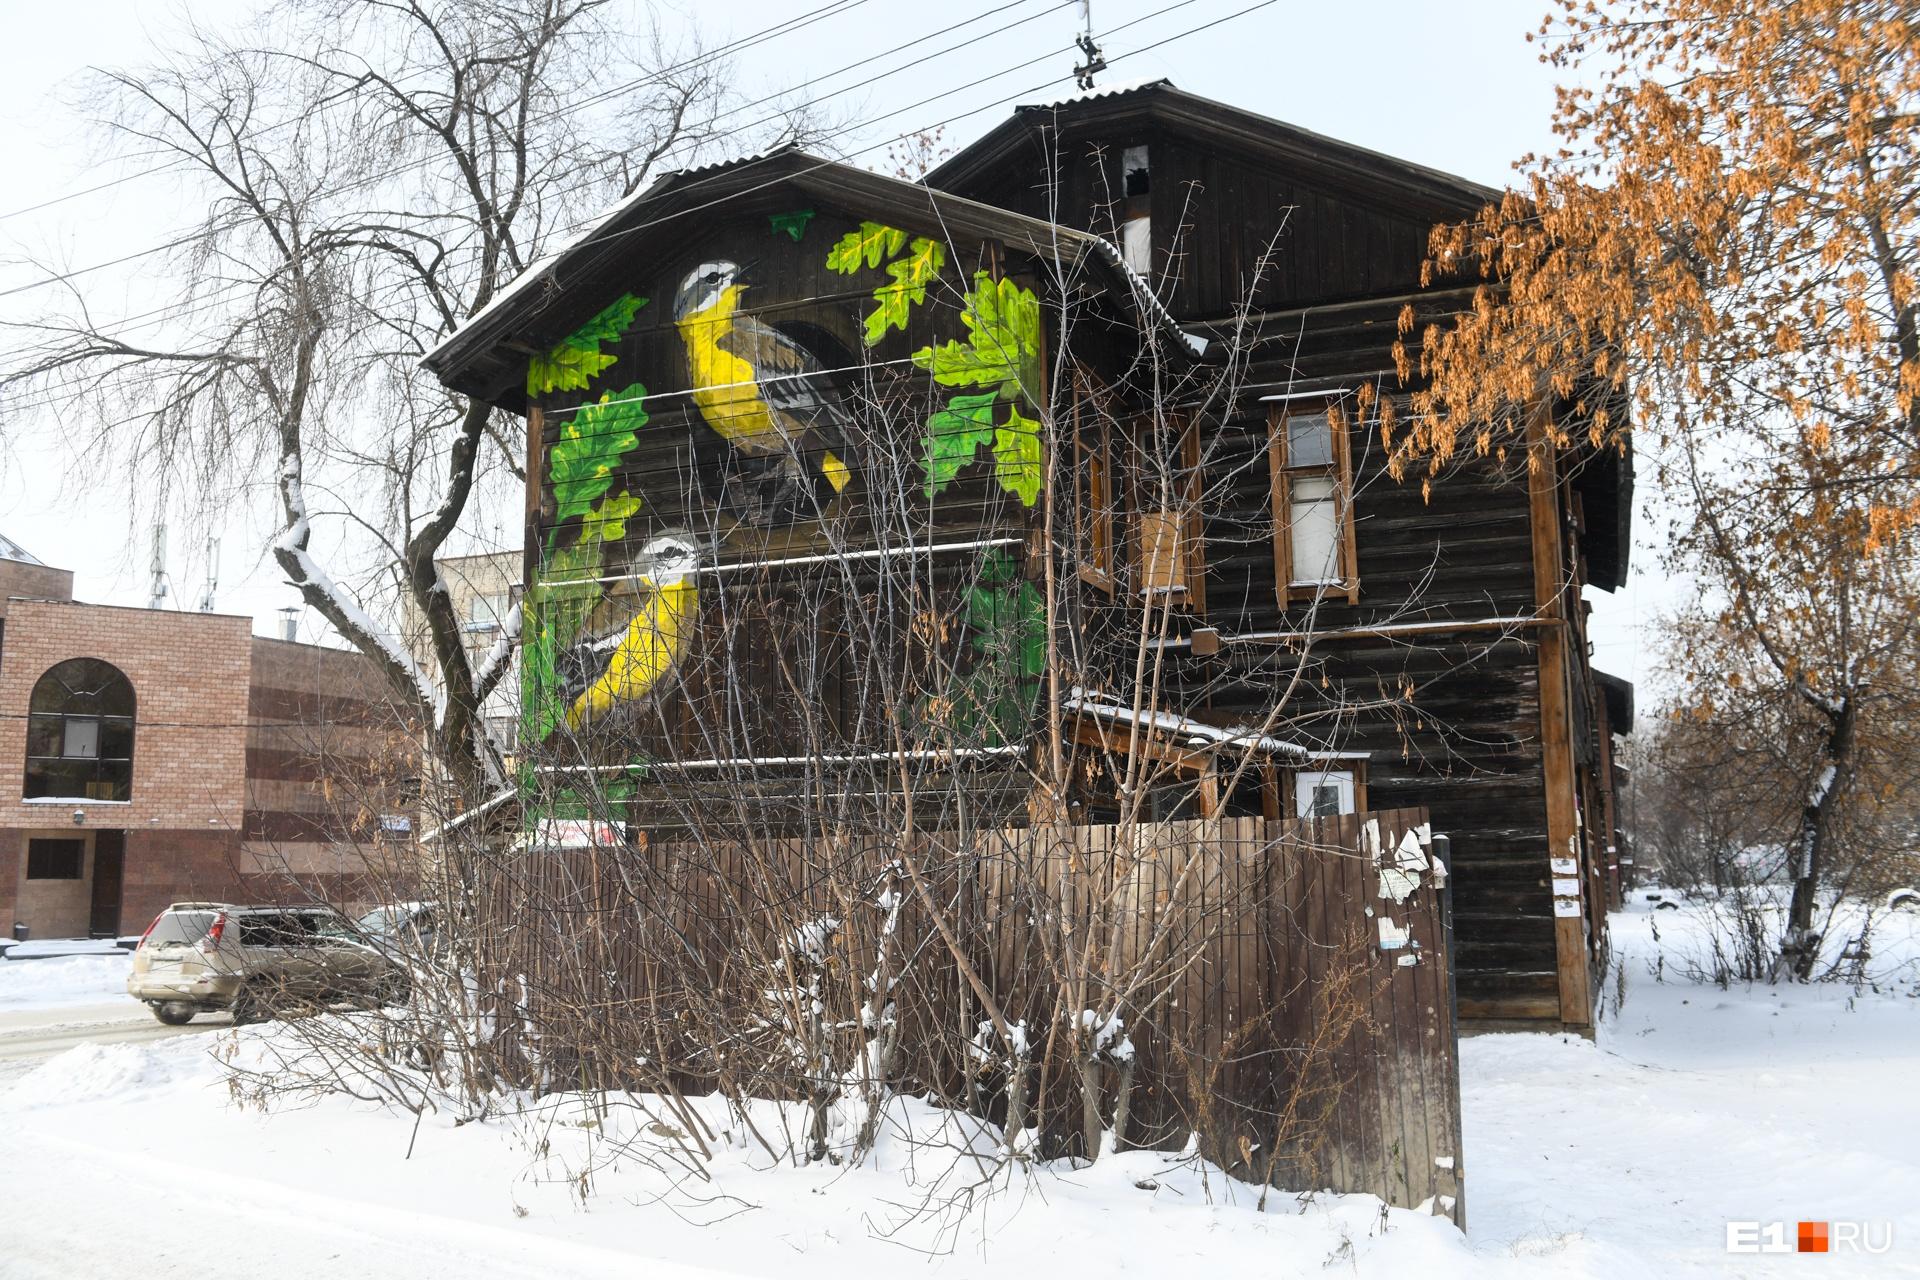 Хироки говорит, это хорошая практика — когда уличные художники выбирают такие объекты. Он считает, что их работы — это способ продлить жизнь таким зданиям